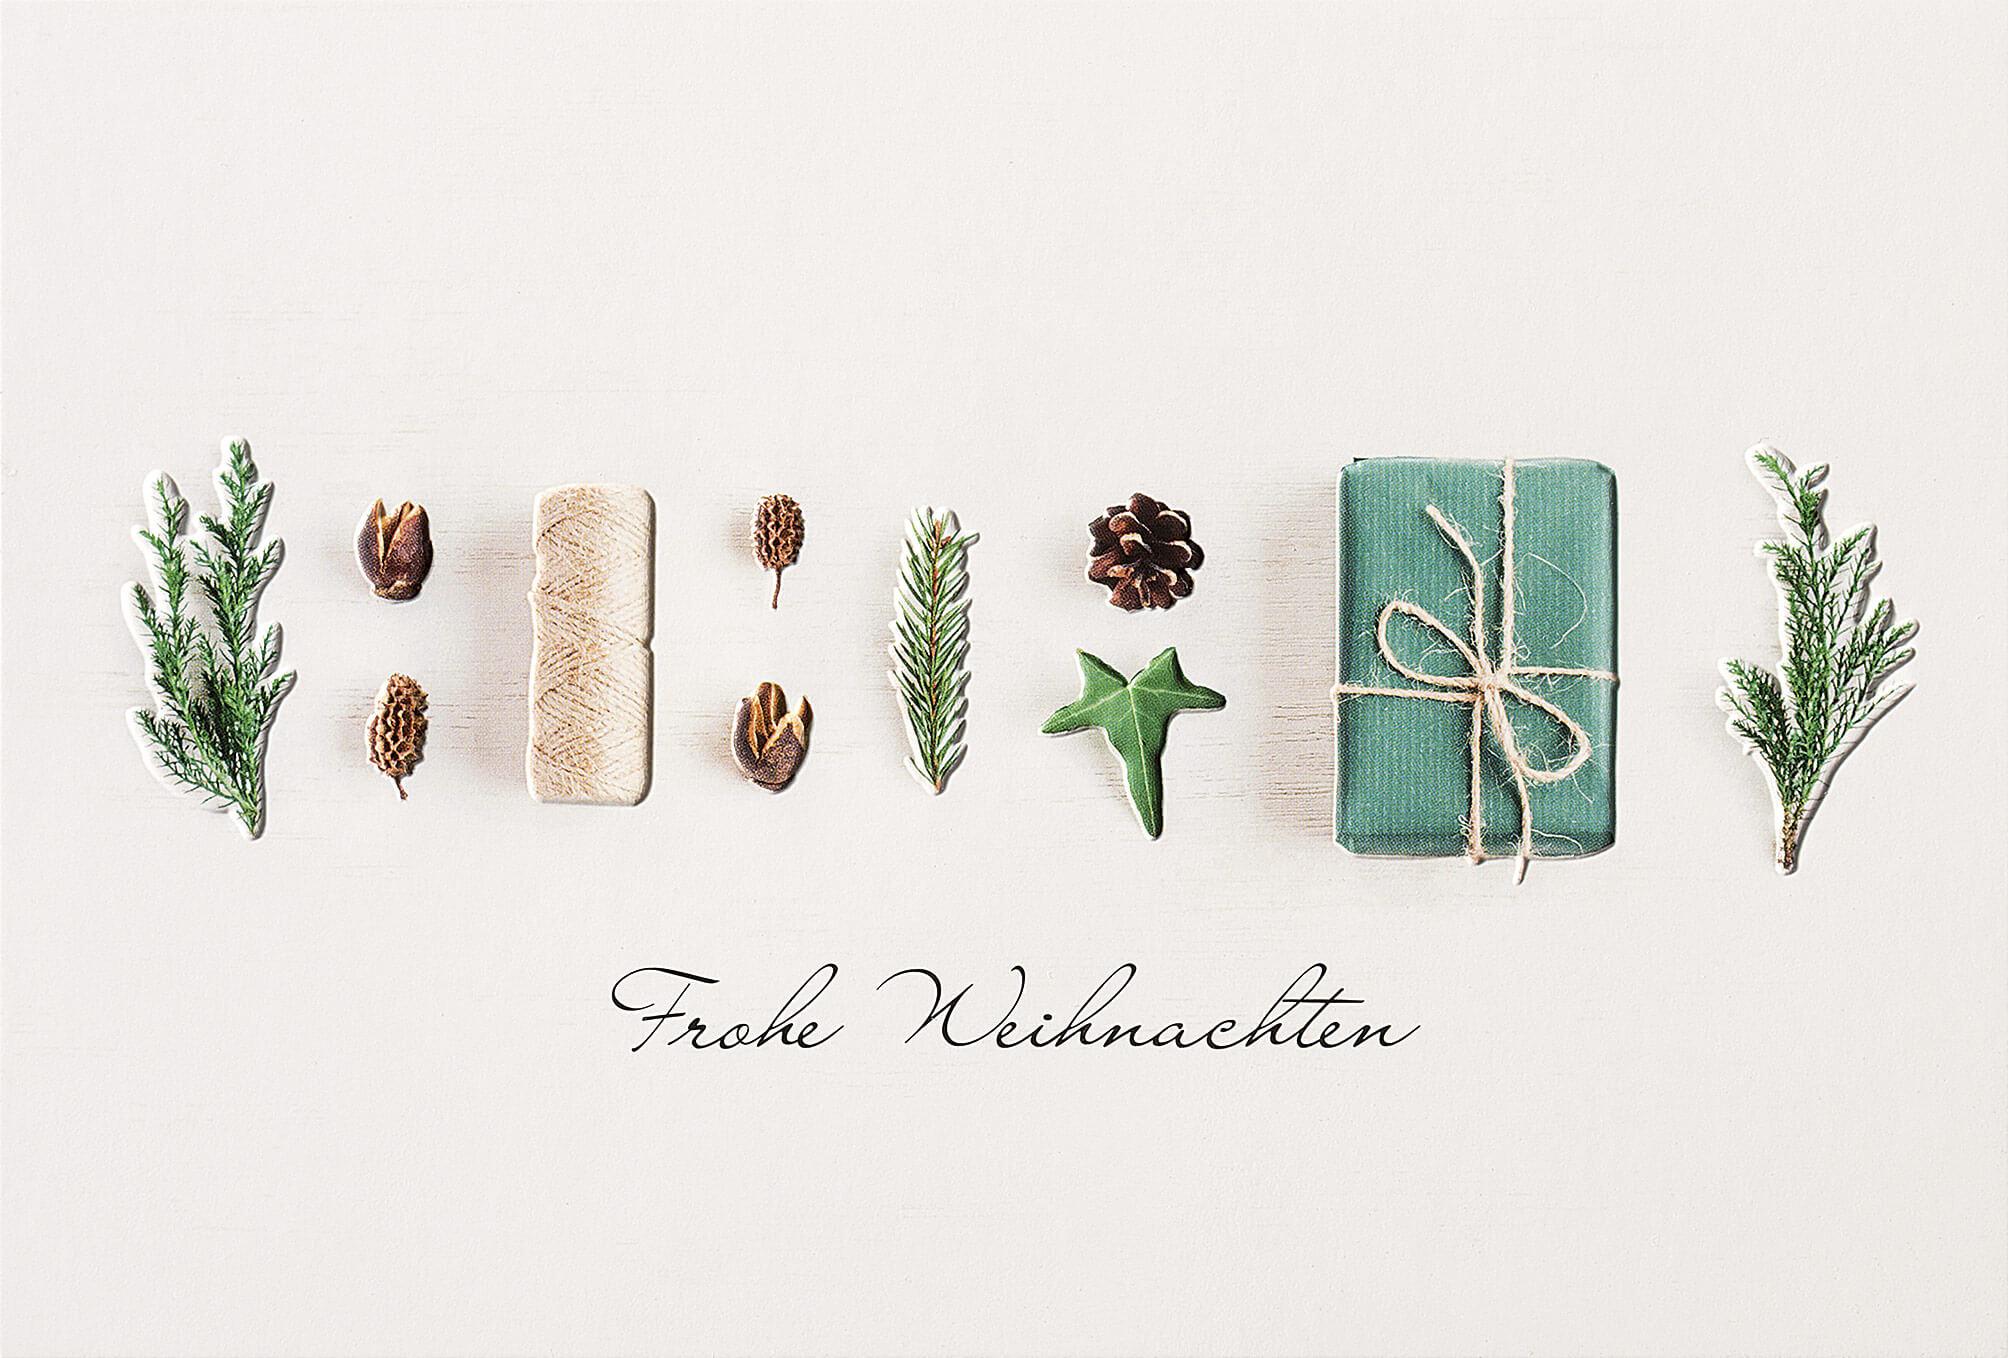 Moderne Weihnachtsgrüße Für Karten.Ausgefallene Weihnachtskarte Mit Samen Zweigen Geschenk Und Schnur